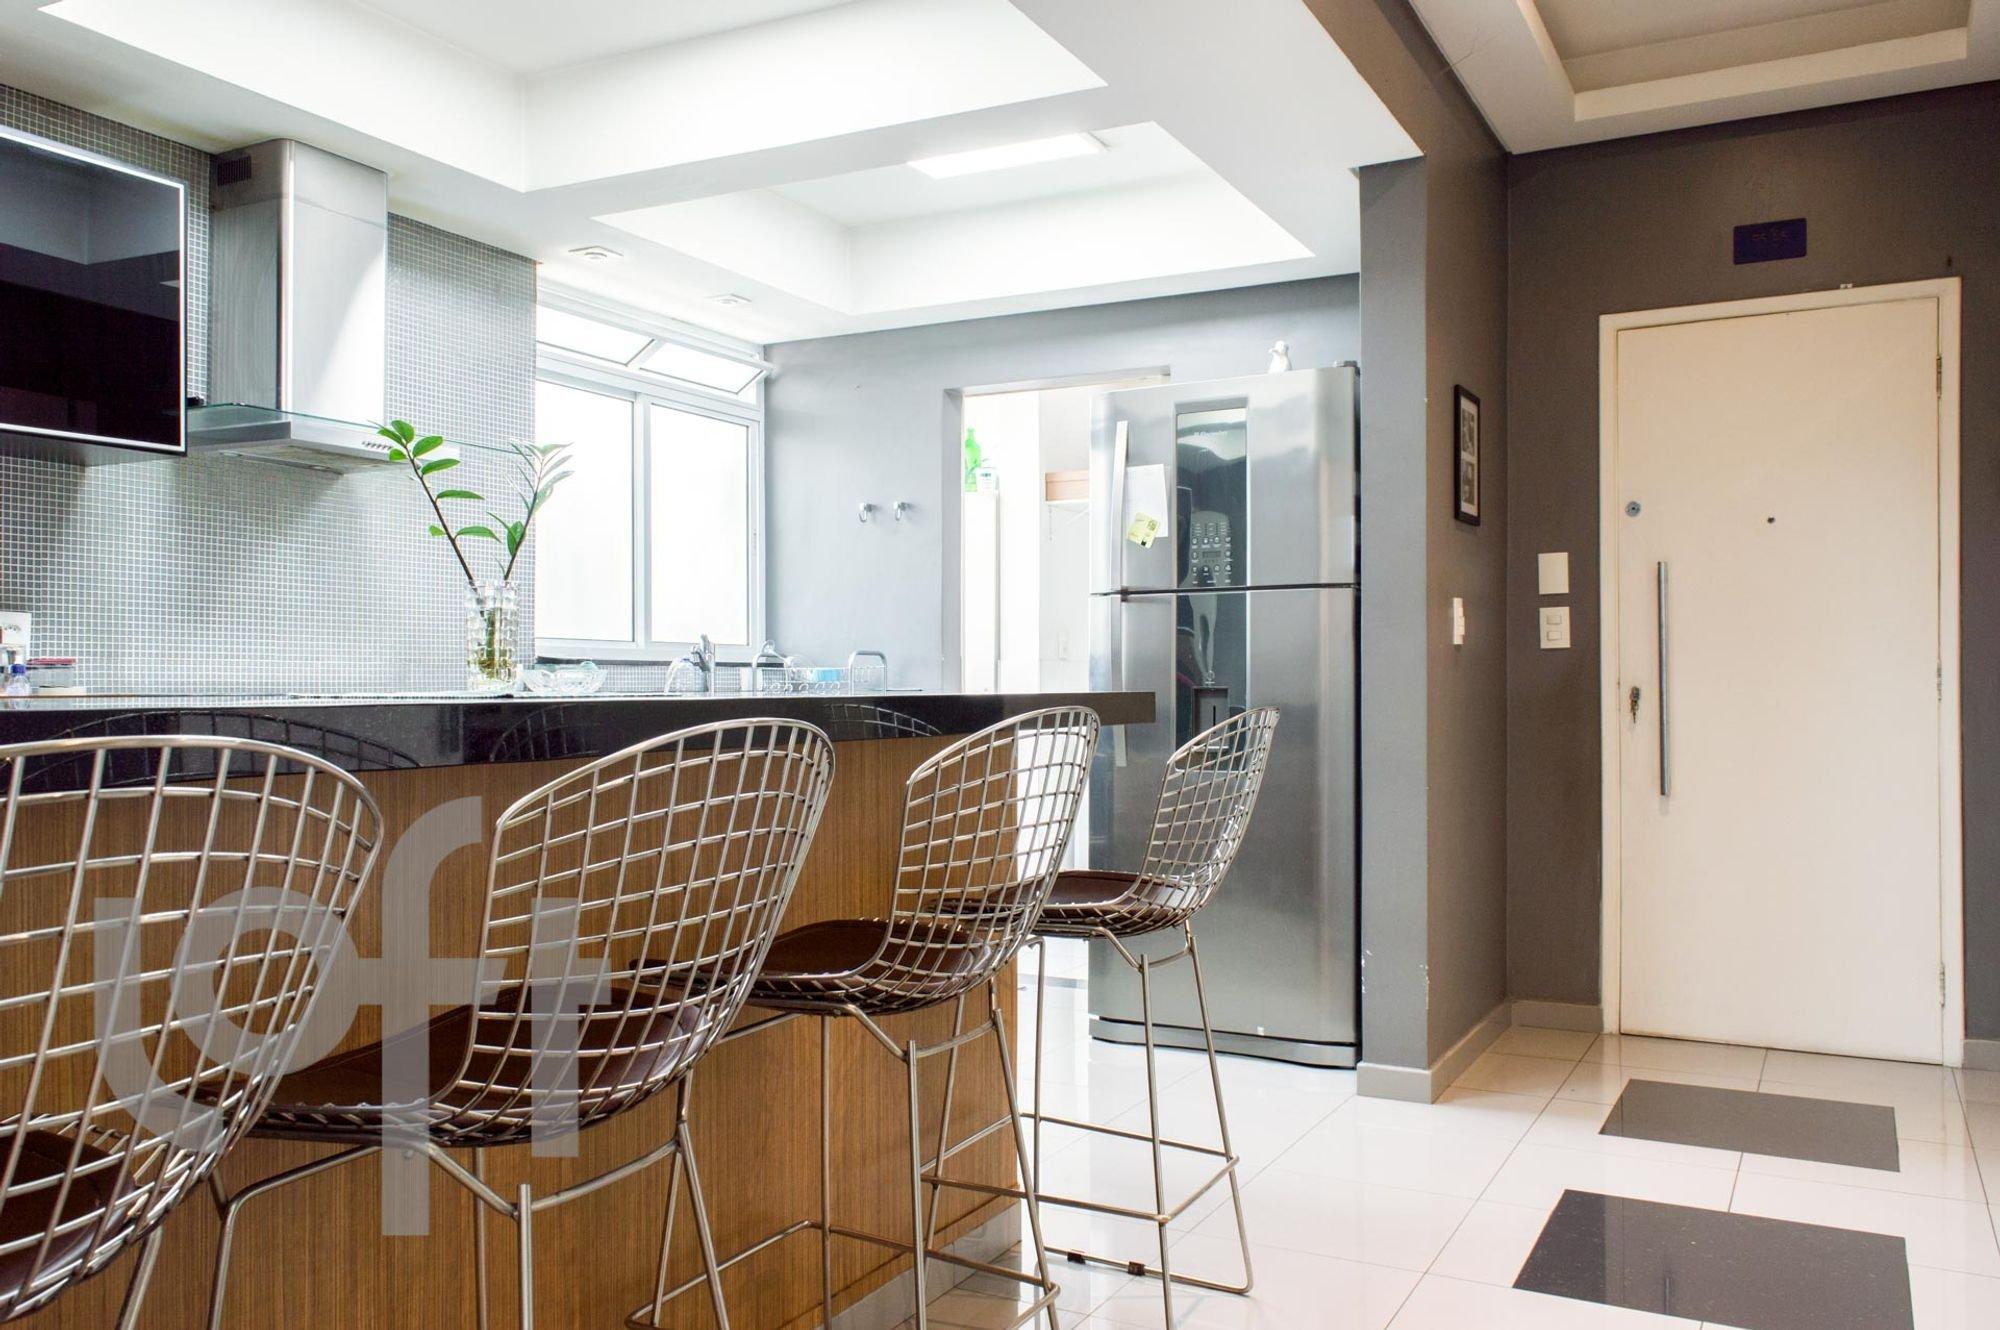 Foto de Cozinha com cadeira, vaso